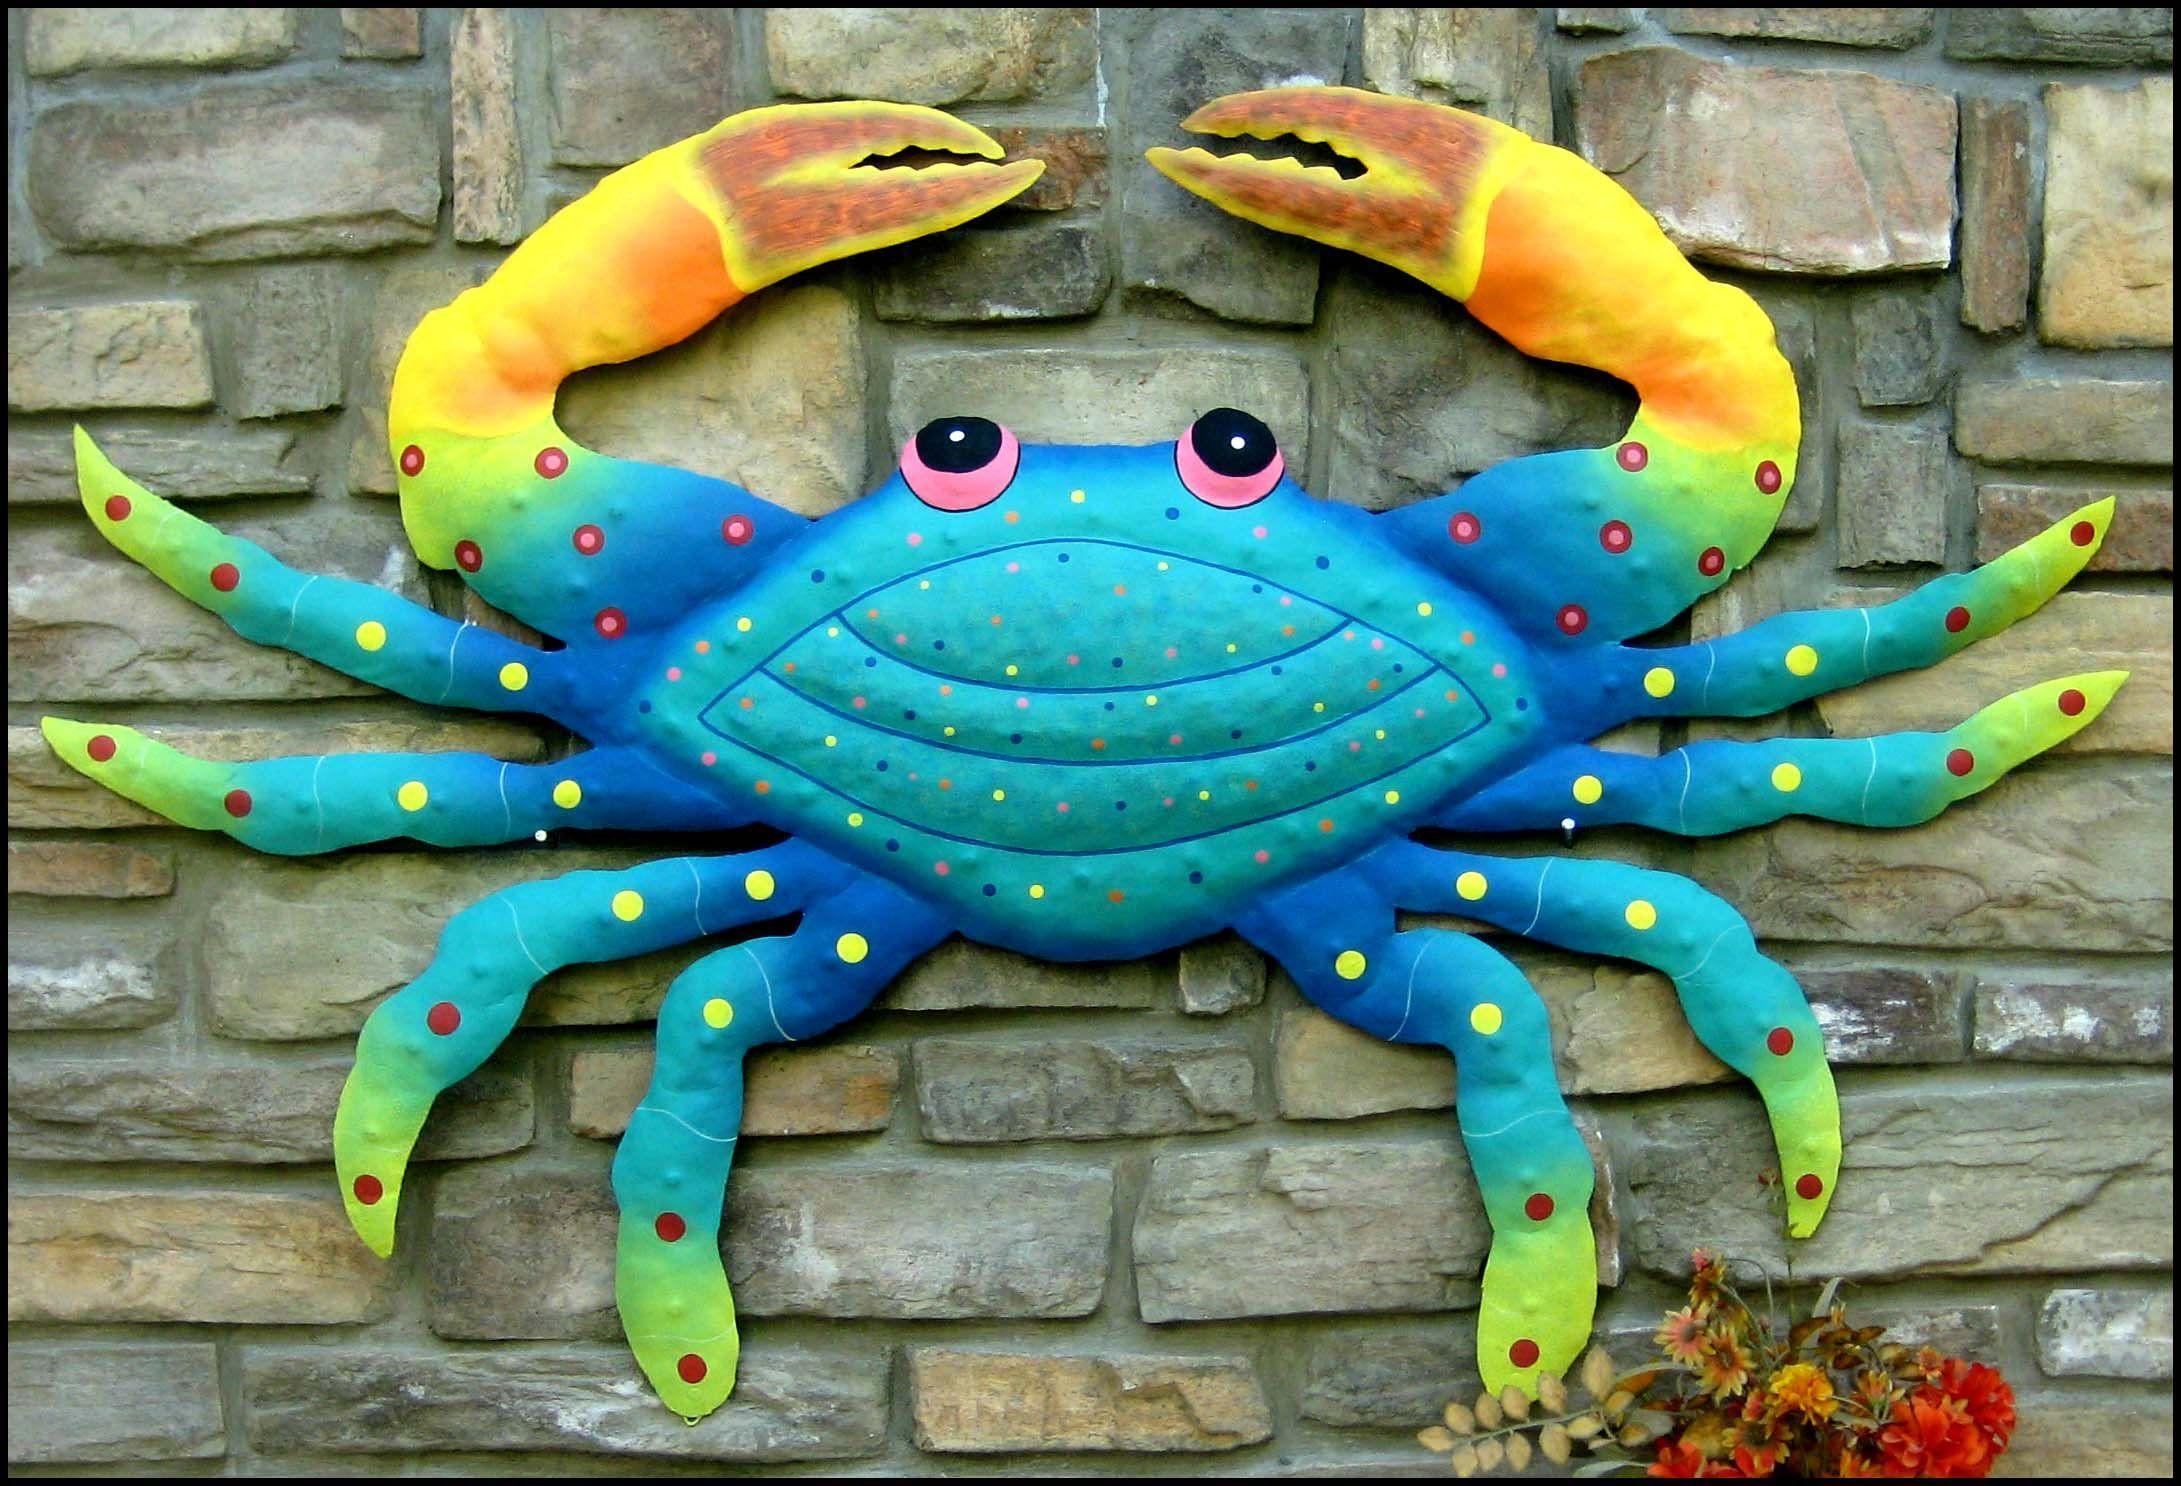 Metal Crab Coastal Decor Metal Wall Hanging Garden Decor Patio Decor Island Decor Garden Art Outdoo In 2020 Outdoor Metal Wall Art Metal Crab Outdoor Metal Art